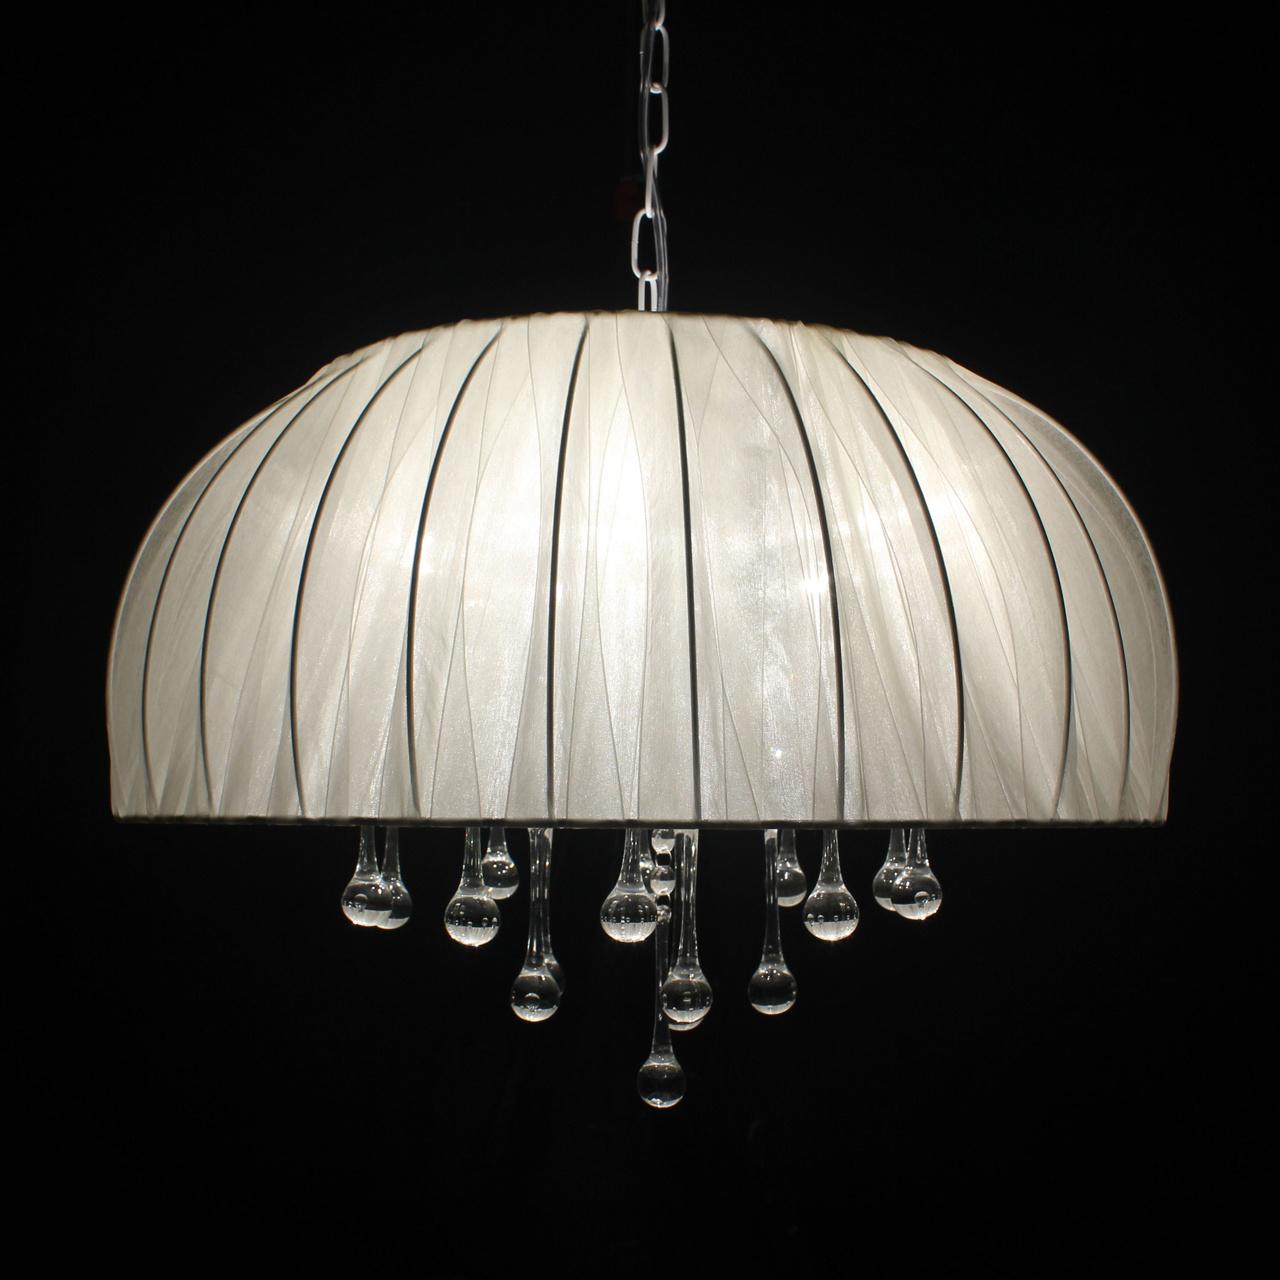 Подвесная люстра Светпромъ 12535 люстра подвесная светпромъ металлическая черная 52 5x100 см